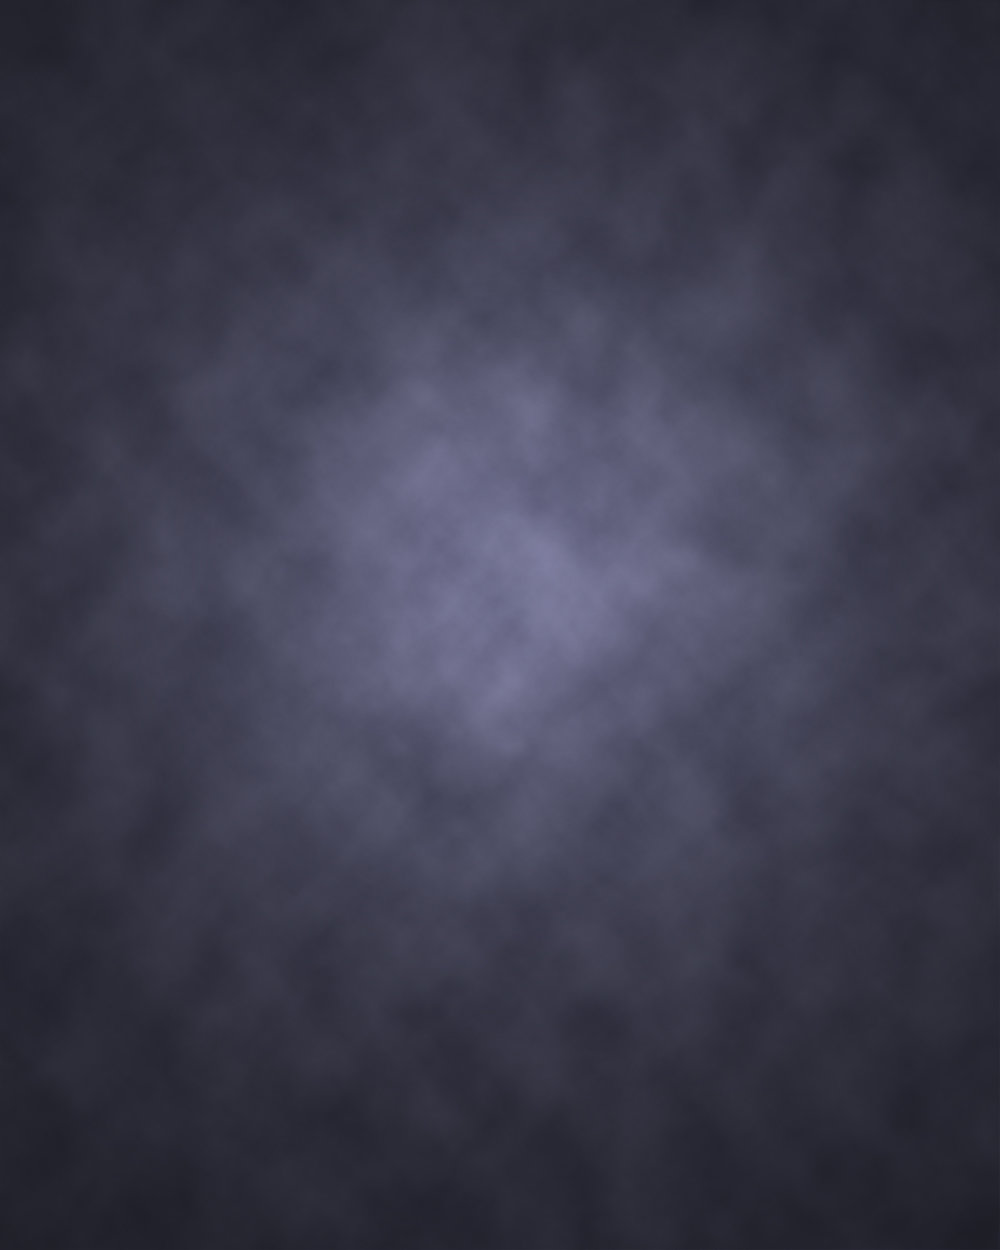 Background Option #3 - Blue Grey